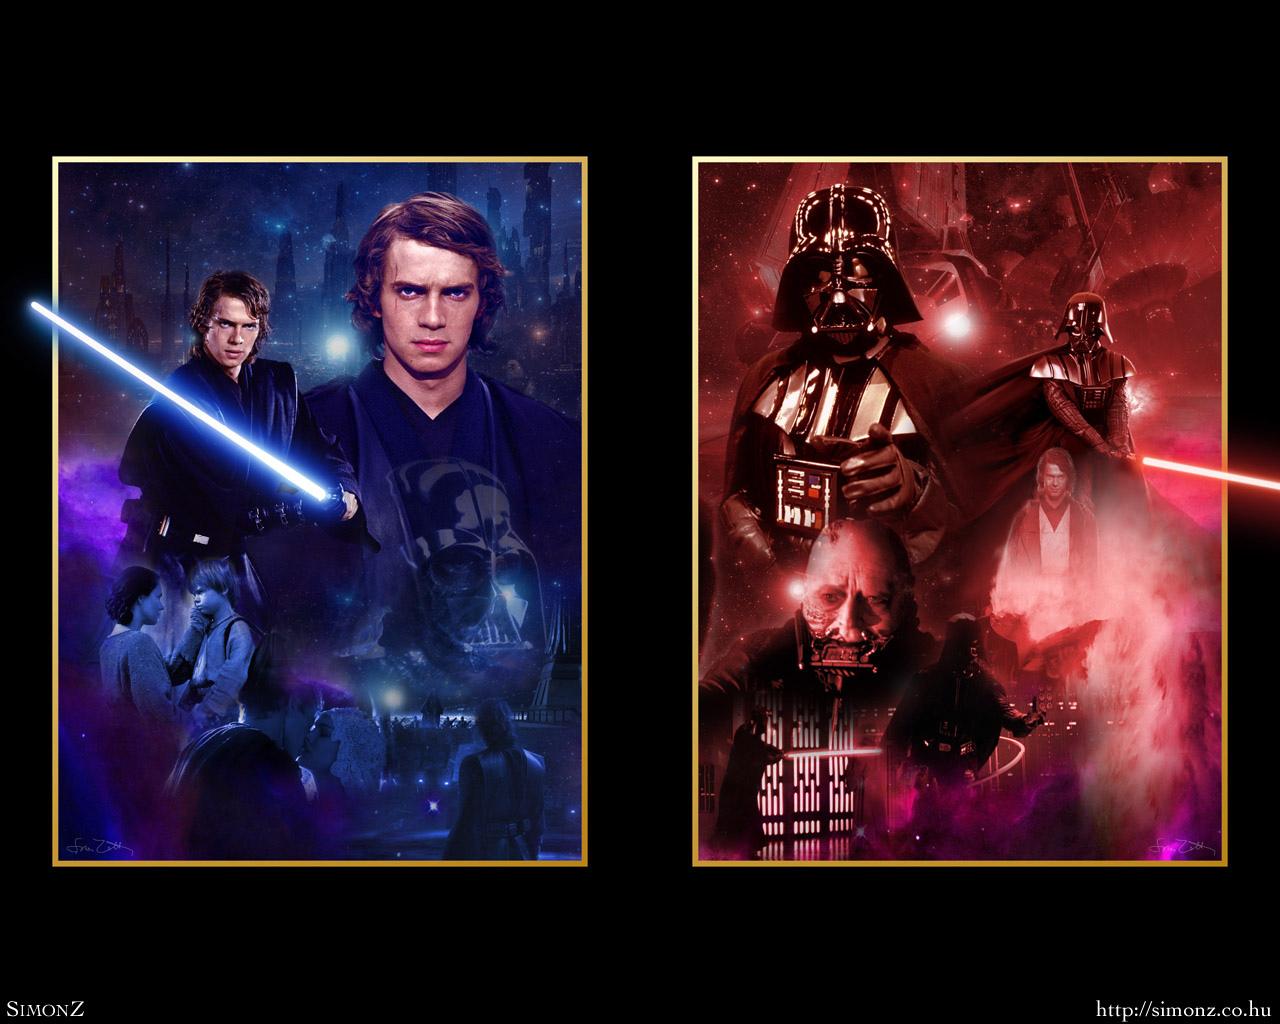 Anakin Skywalker Wallpaper Fantastic Anakin Skywalker 1280x1024